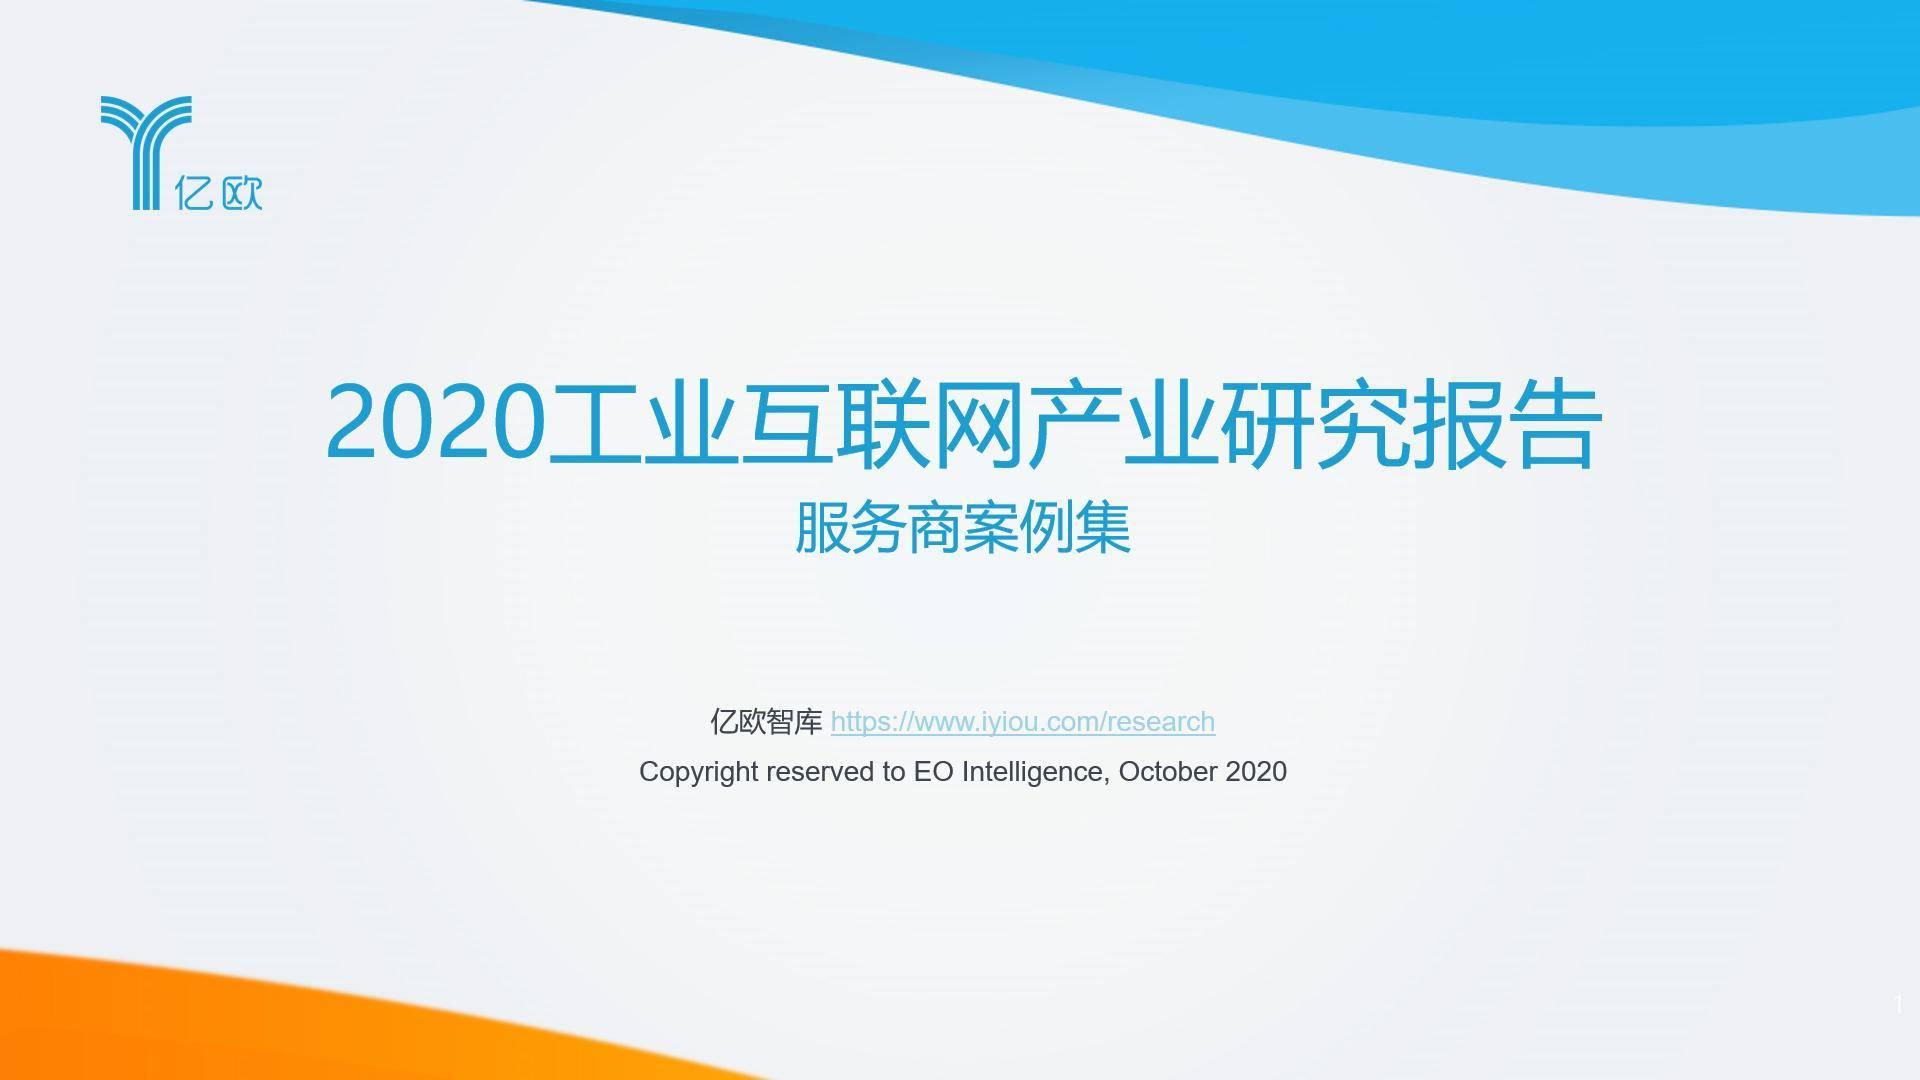 2020工业互联网产业�镅芯勘ǜ妗�―服↓务商案例集